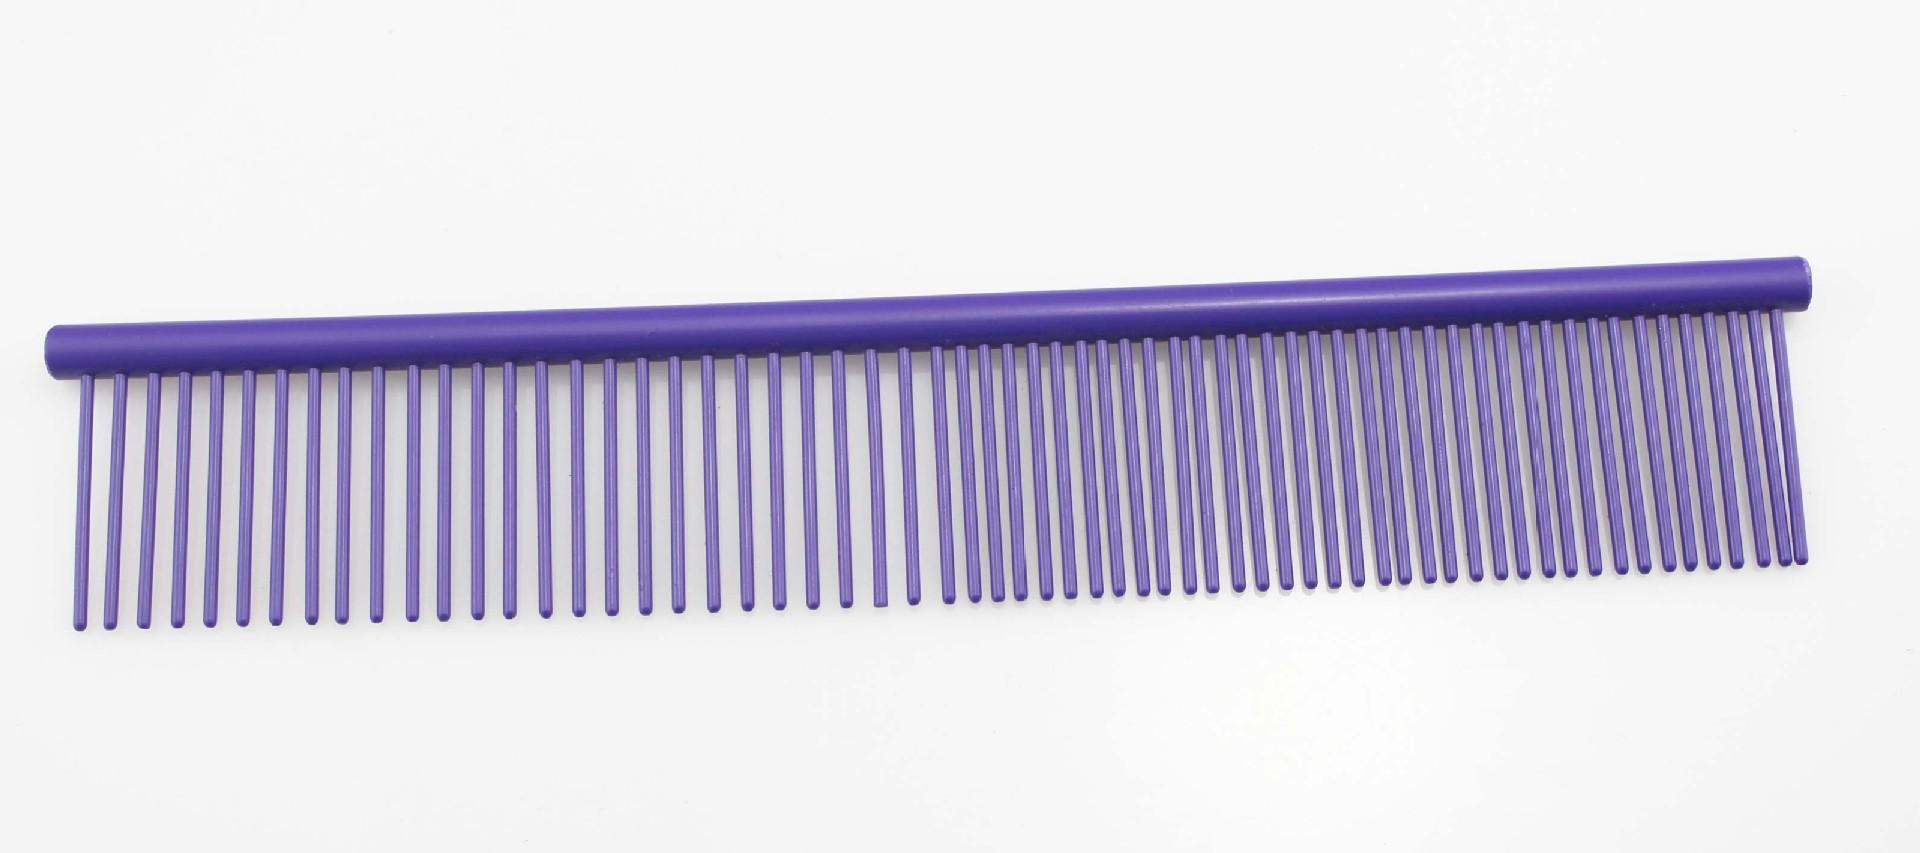 Набор грумера 7 дюймов ножницы 3 шт. + гребень JOEWELL, фиолетовый